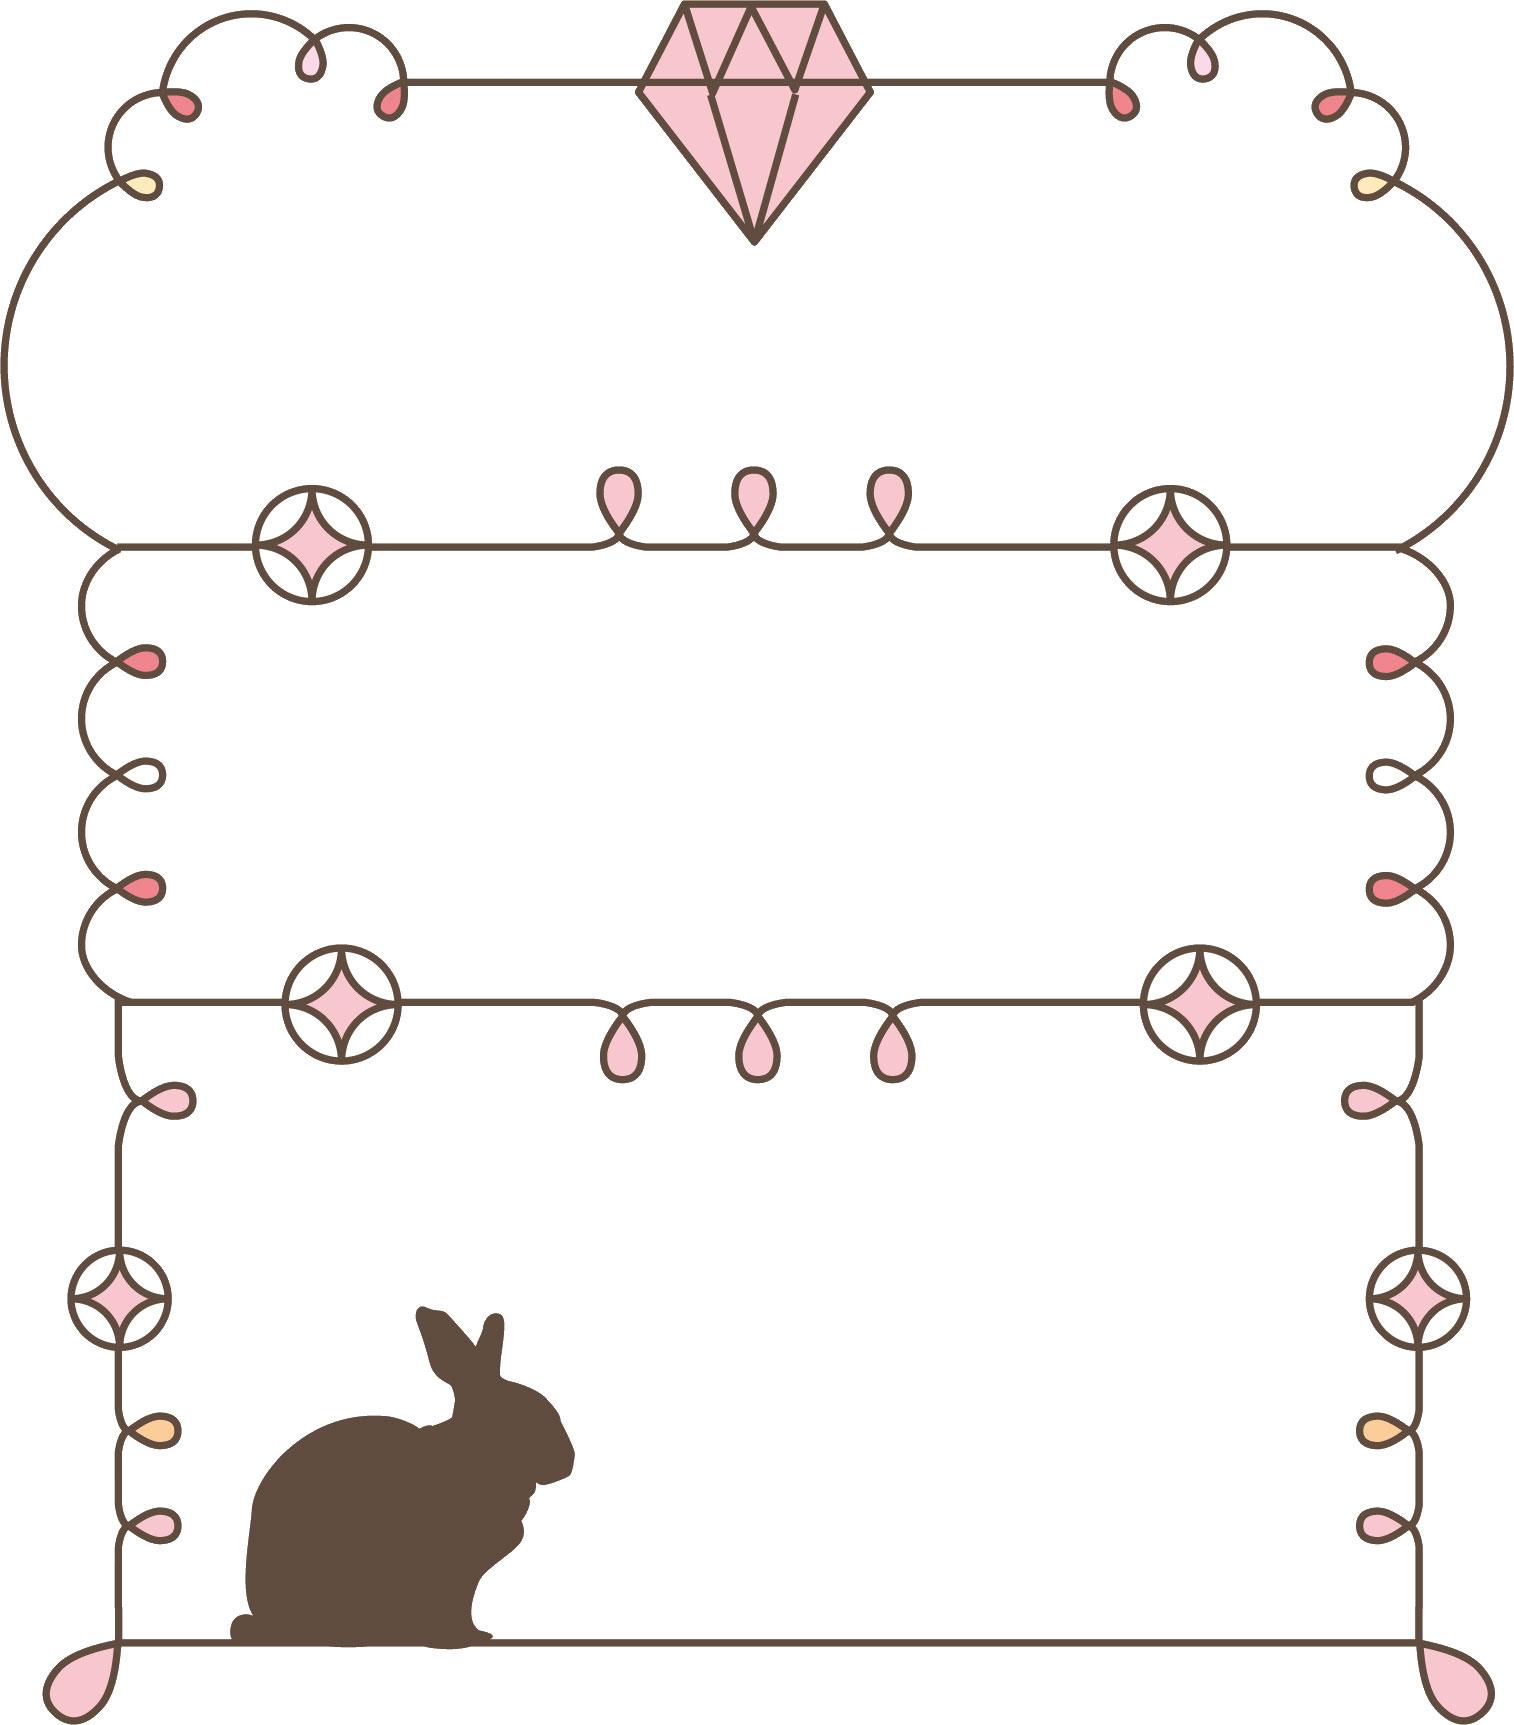 年賀状 年賀状作成方法 : フレーム・飾り枠・囲い ...